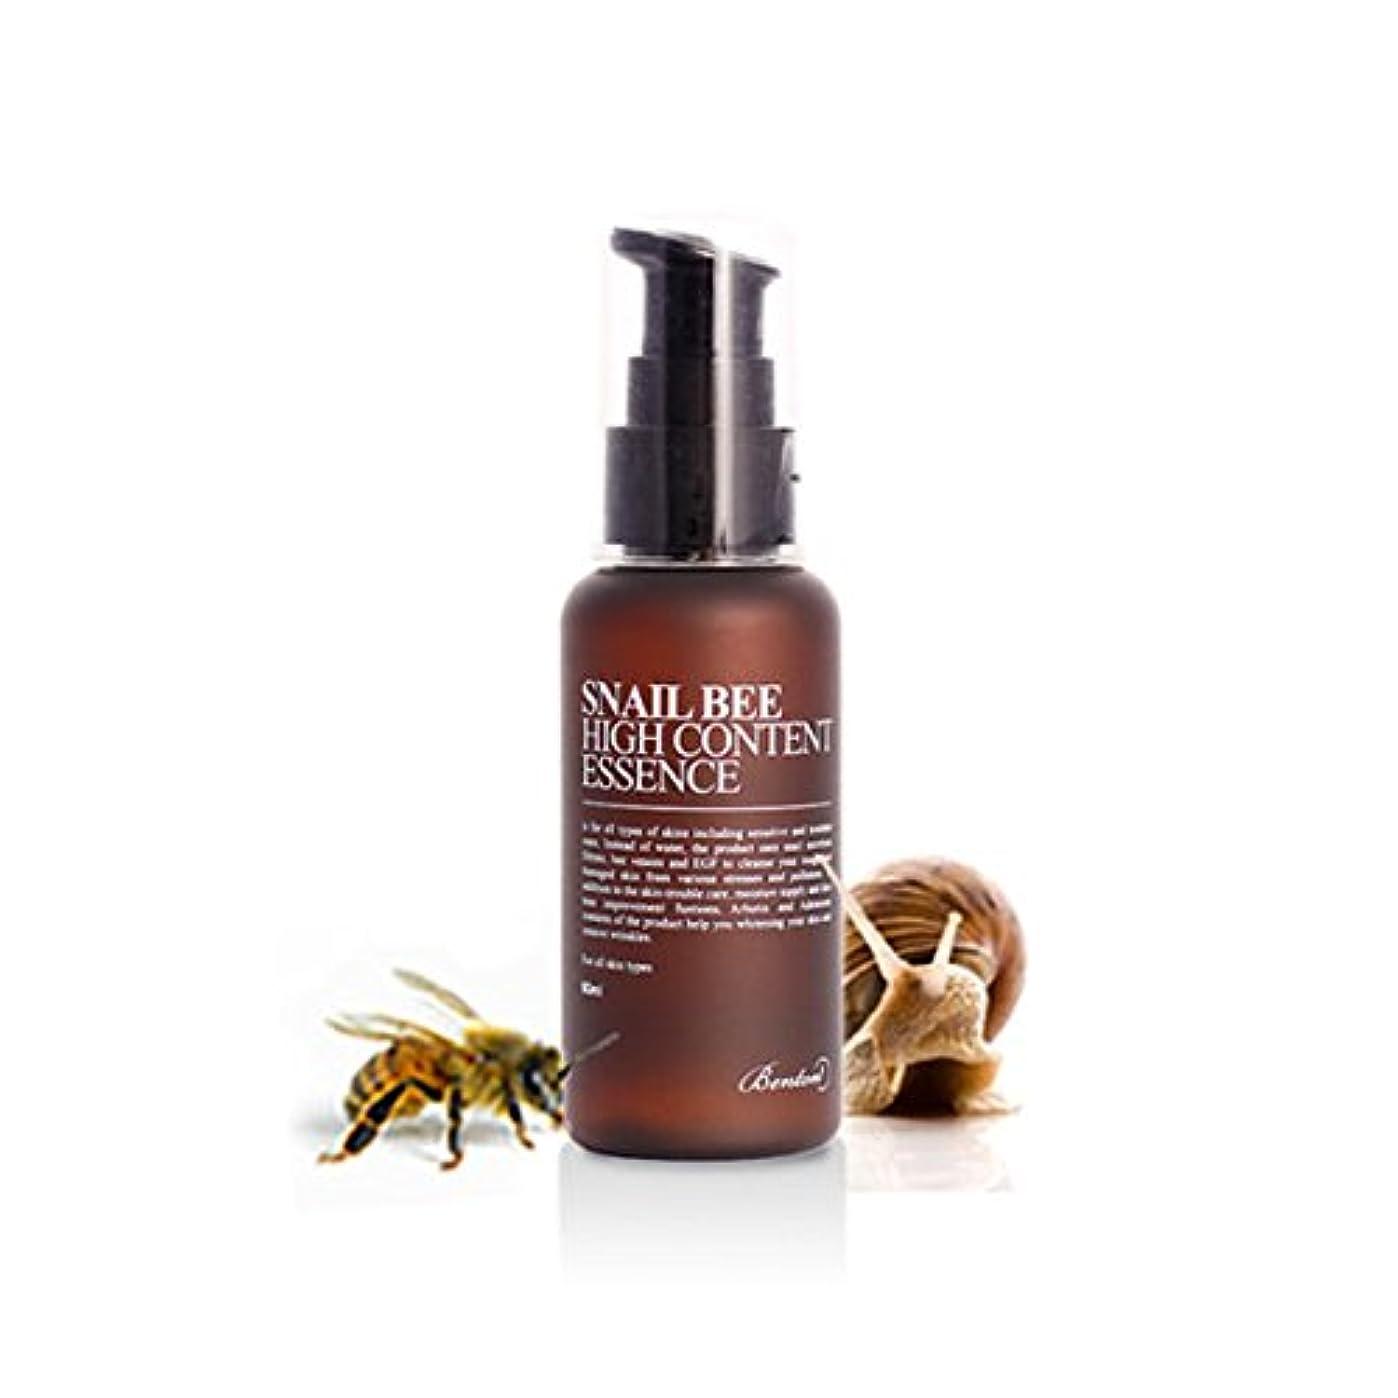 連想ロッジ義務づける[ベントン] Benton カタツムリ蜂ハイコンテンツエッセンス Snail Bee High Content Essence 60ml [並行輸入品]